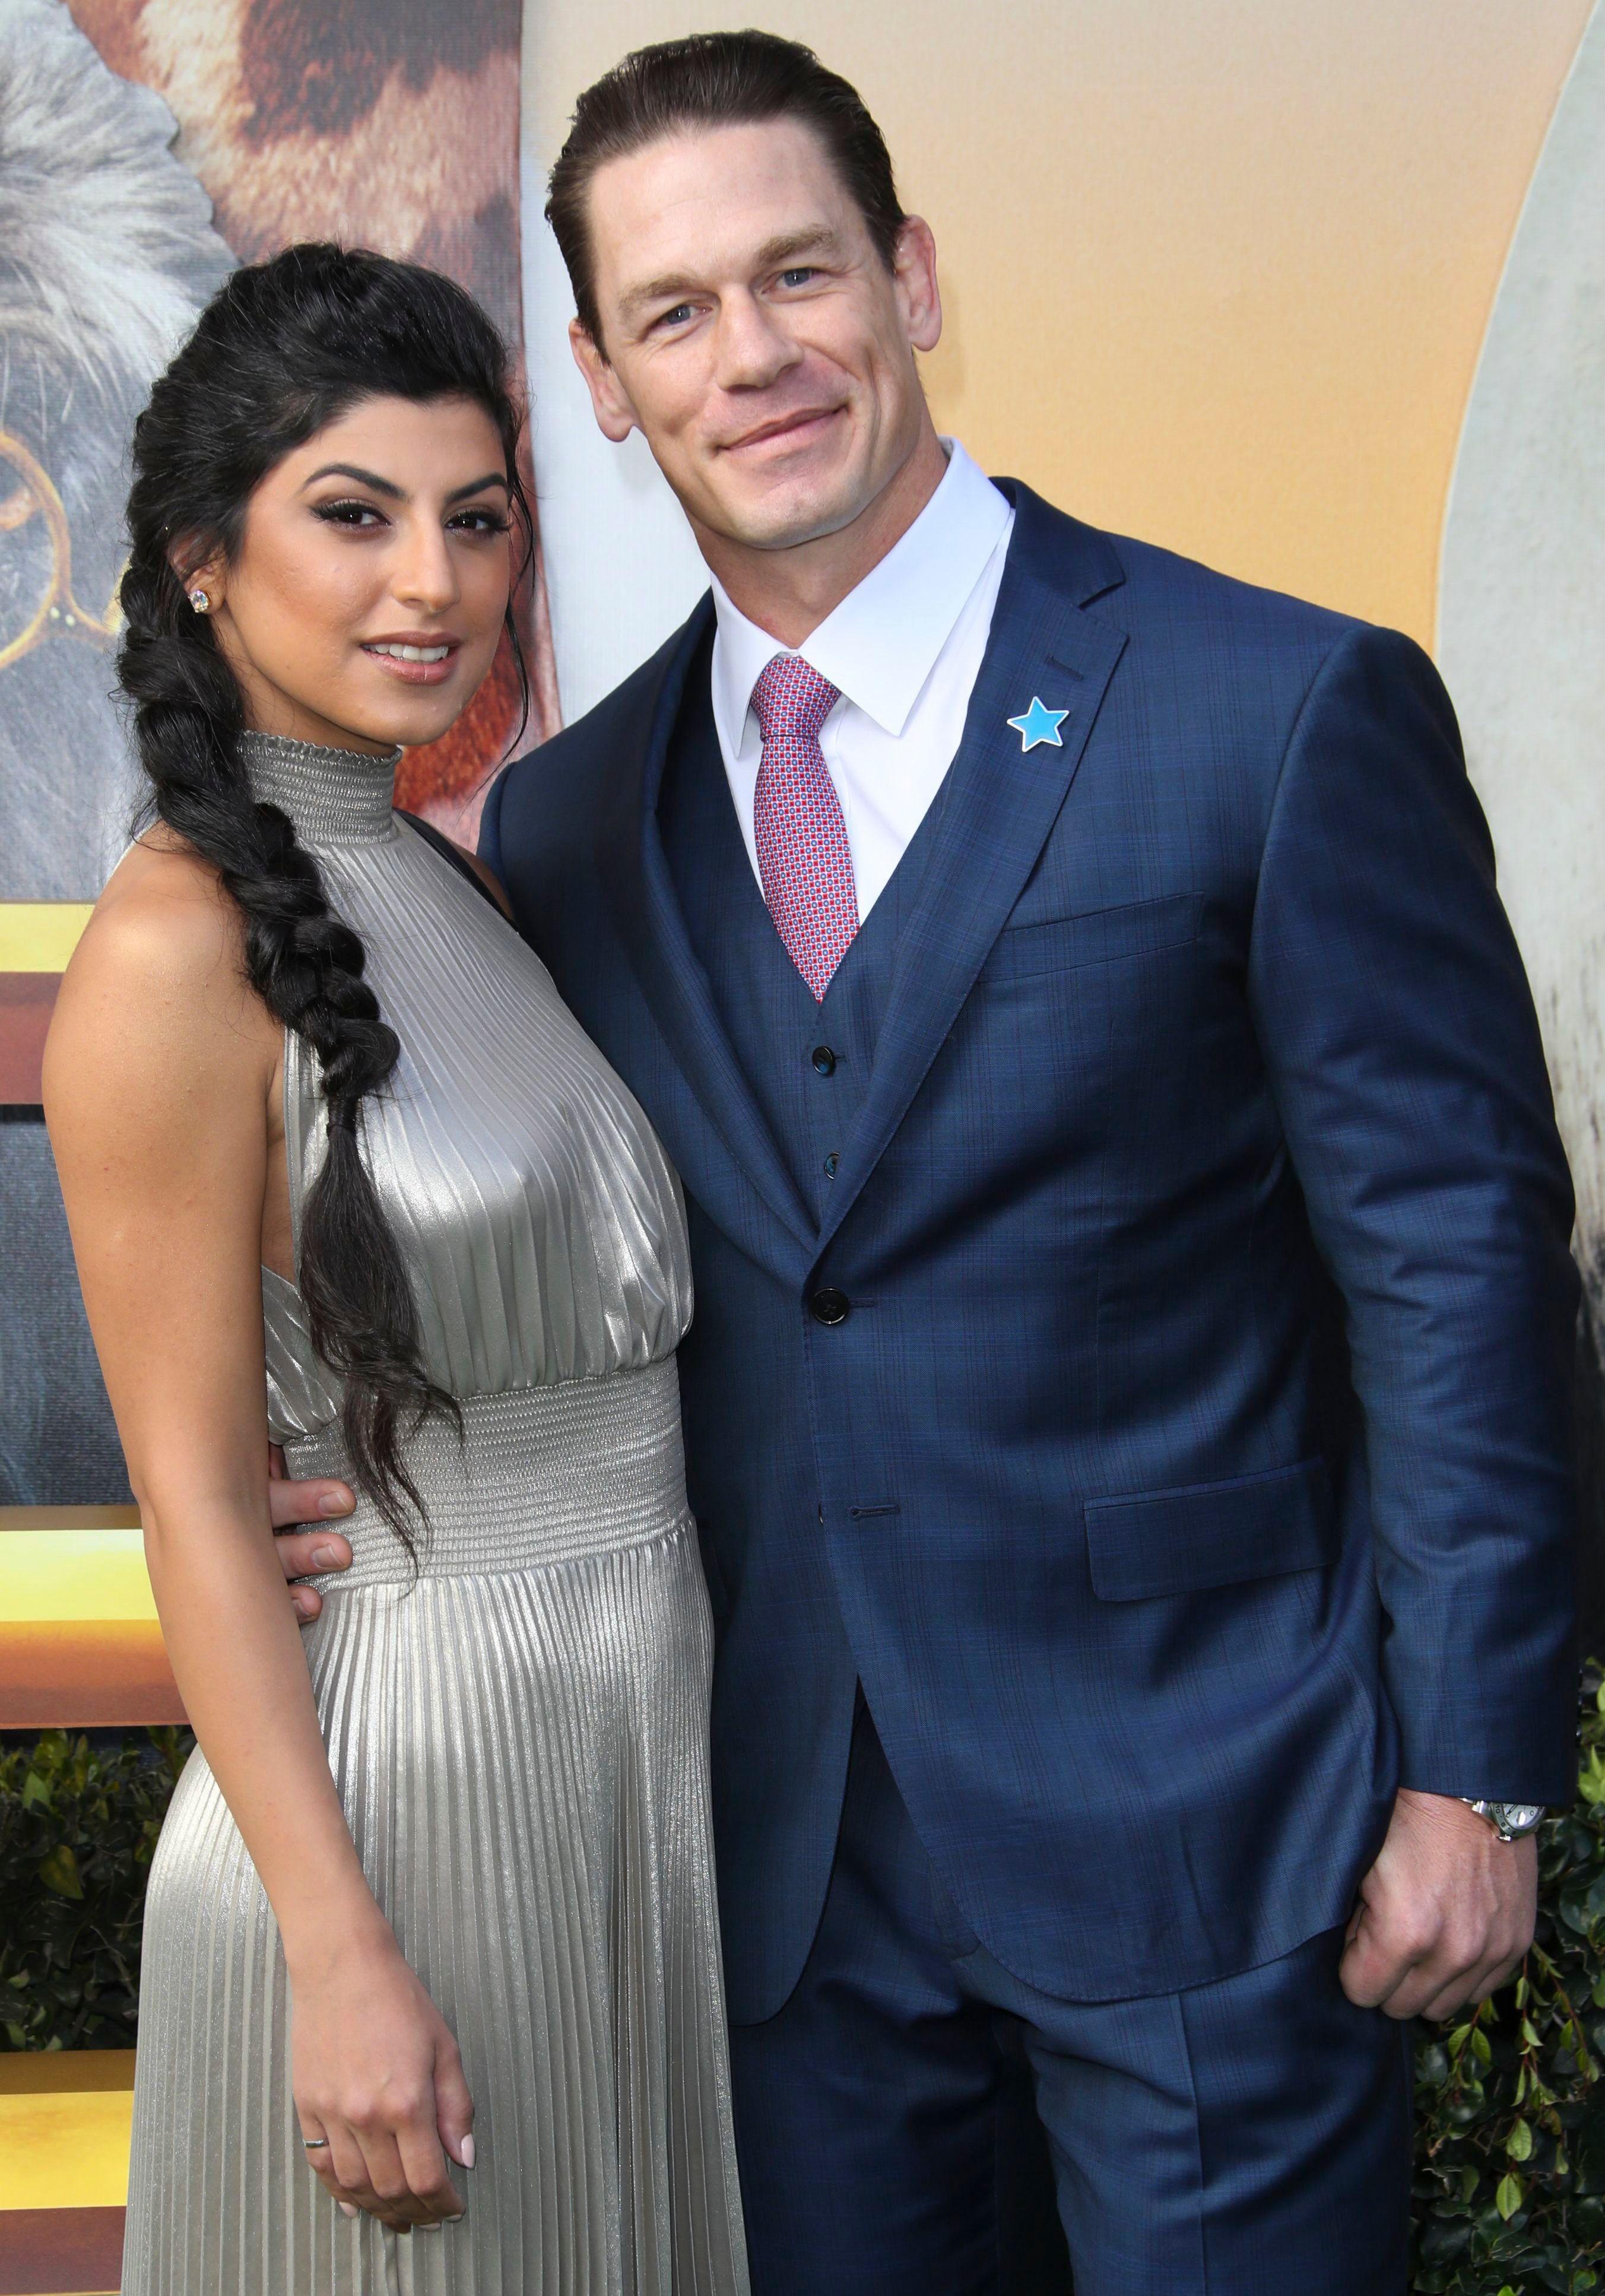 John Cena, wife Shay Shariatzadeh